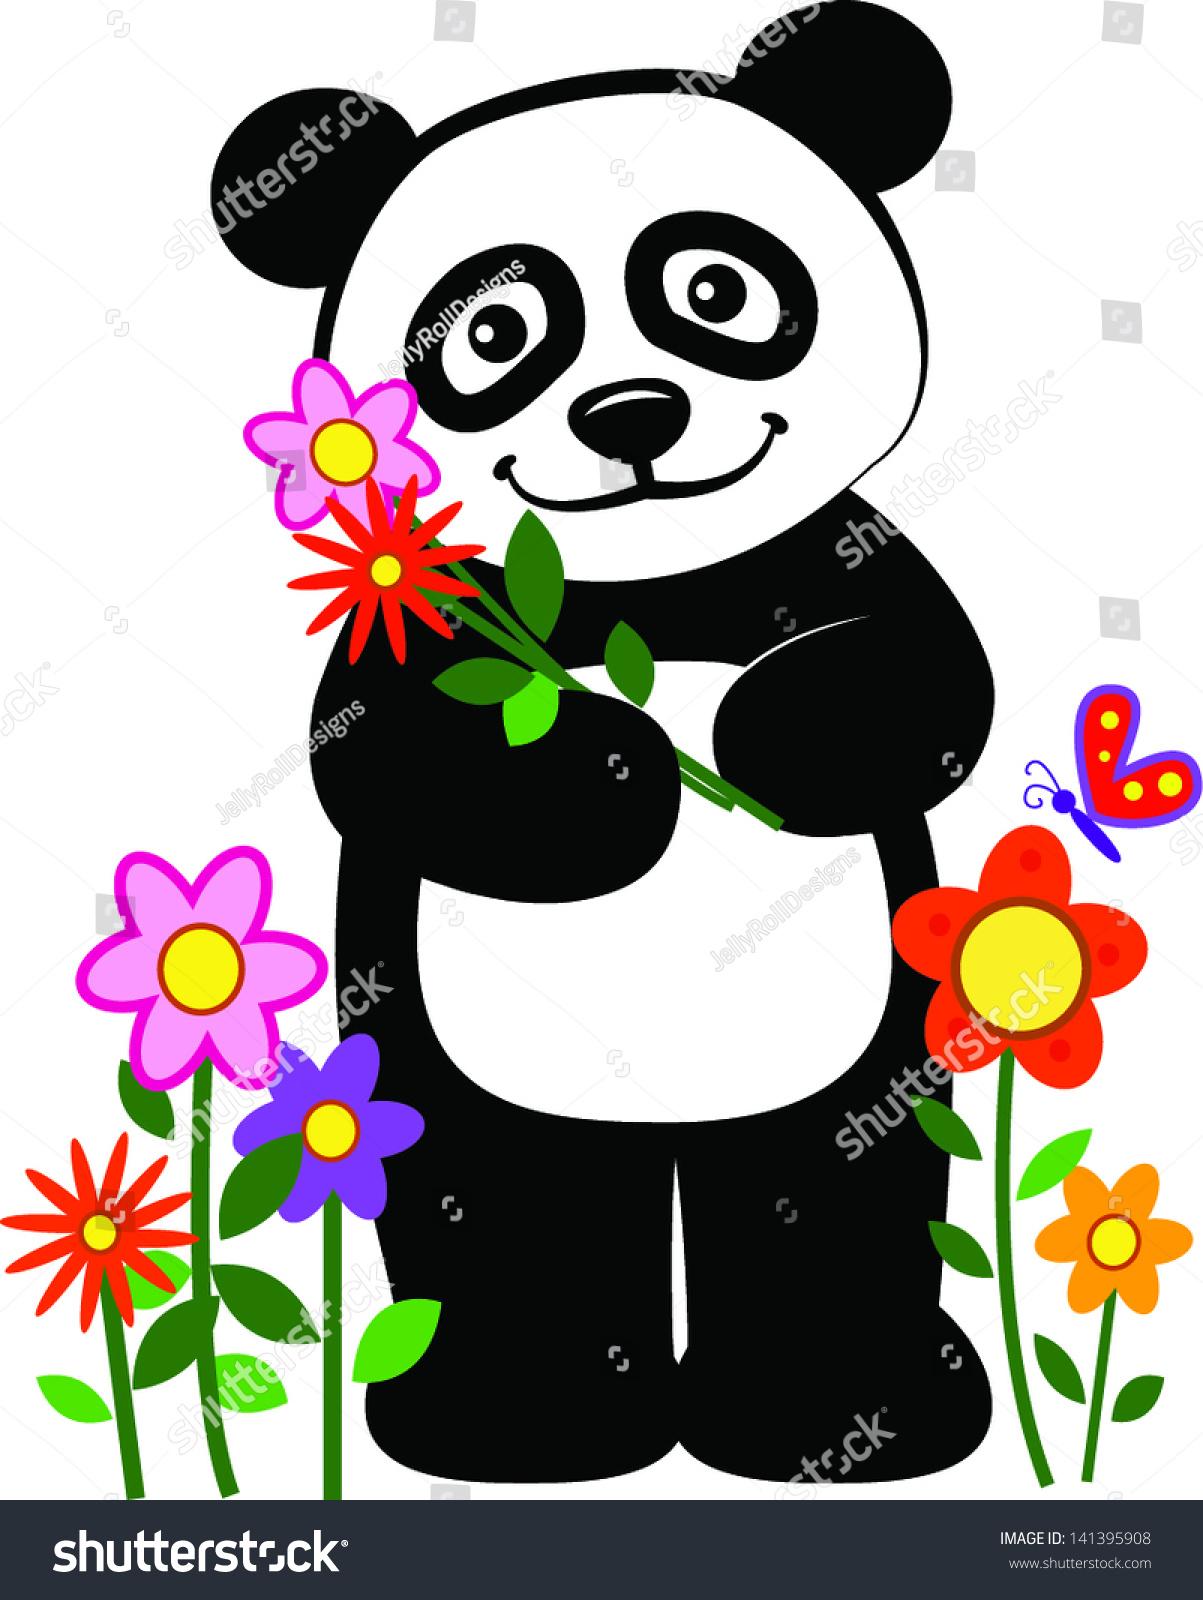 微笑的熊猫拿着鲜花.每股收益10-动物/野生生物,自然